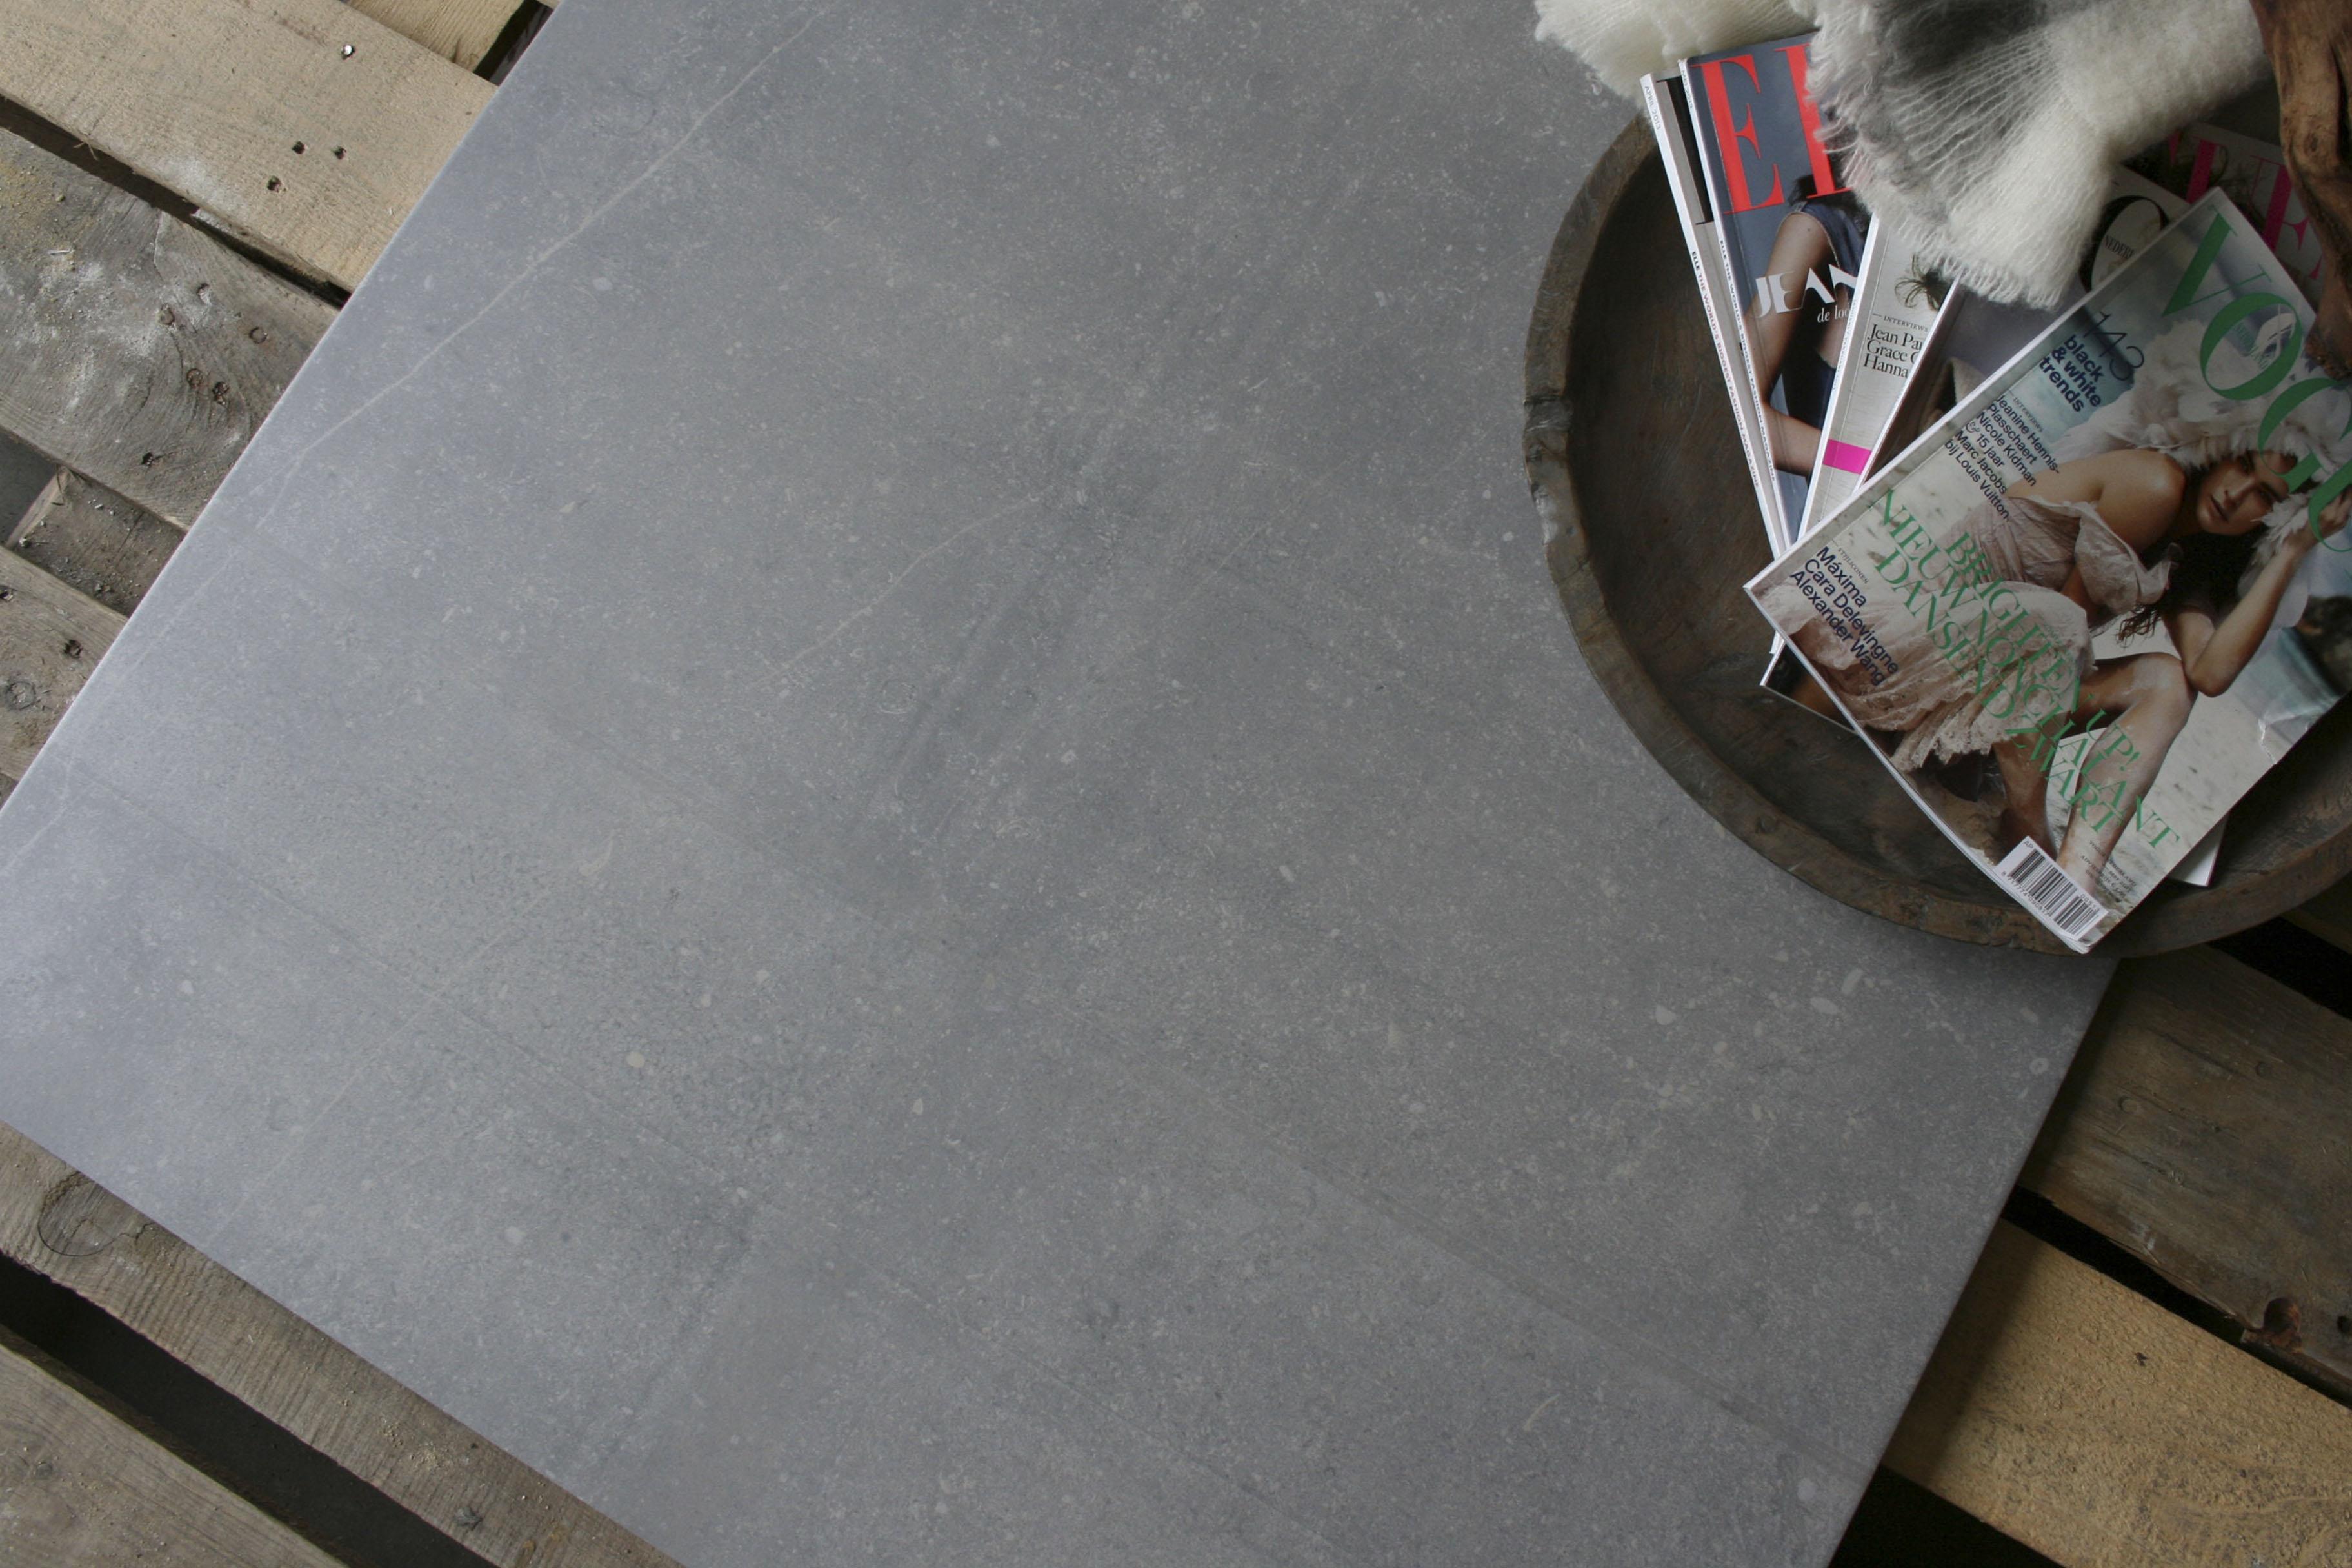 keukentegels groot : Showroom W Vd Eijnde Someren Mooi Groot Formaat Tegels In Betonlook